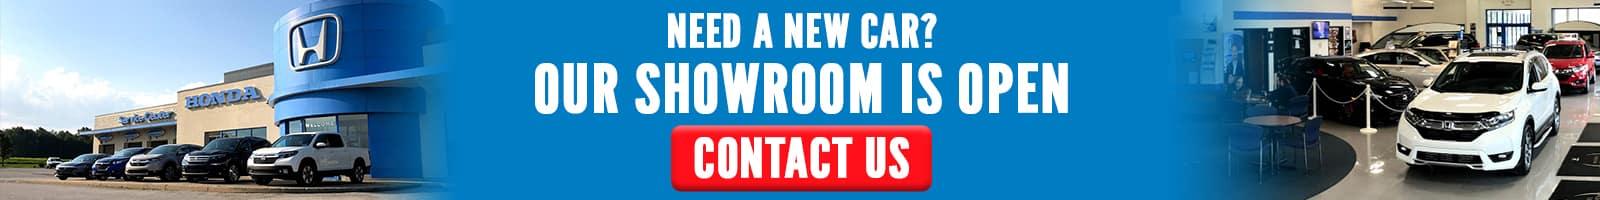 ShowroomOpen